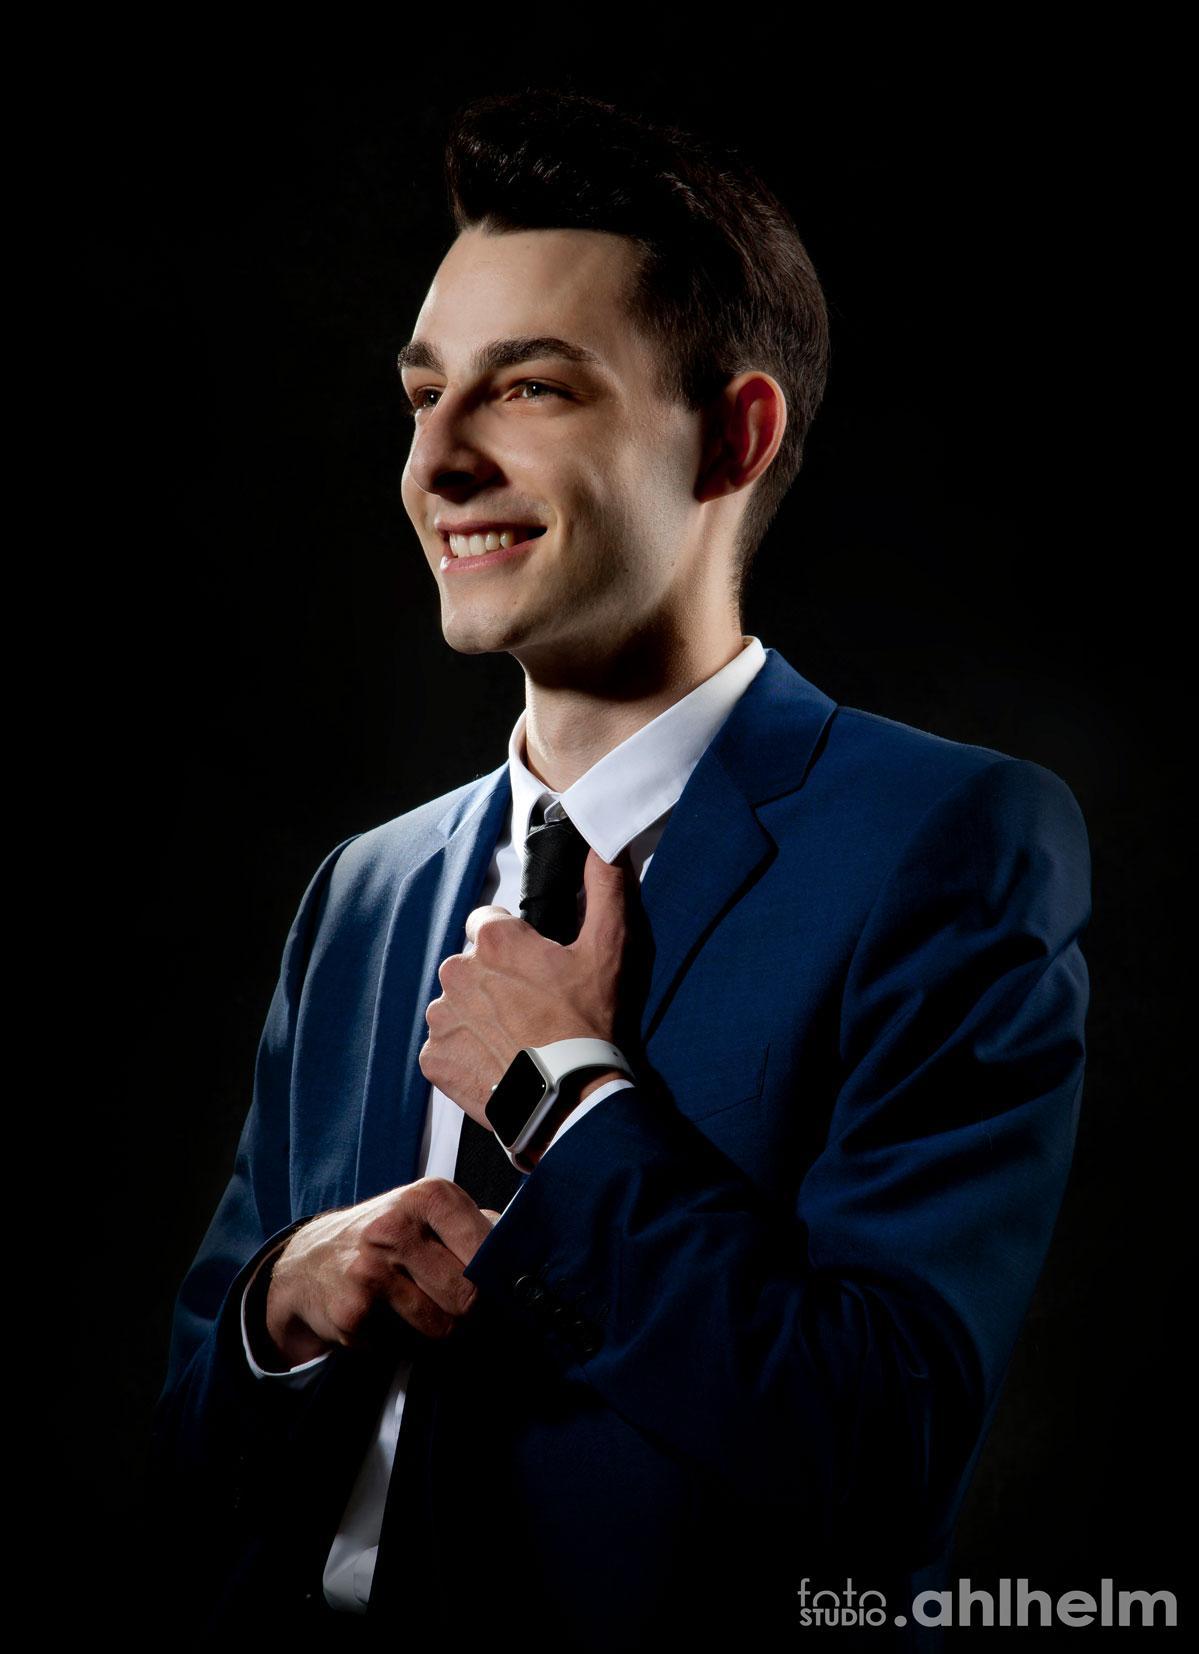 Fotostudio Ahlhelm Portrait Business